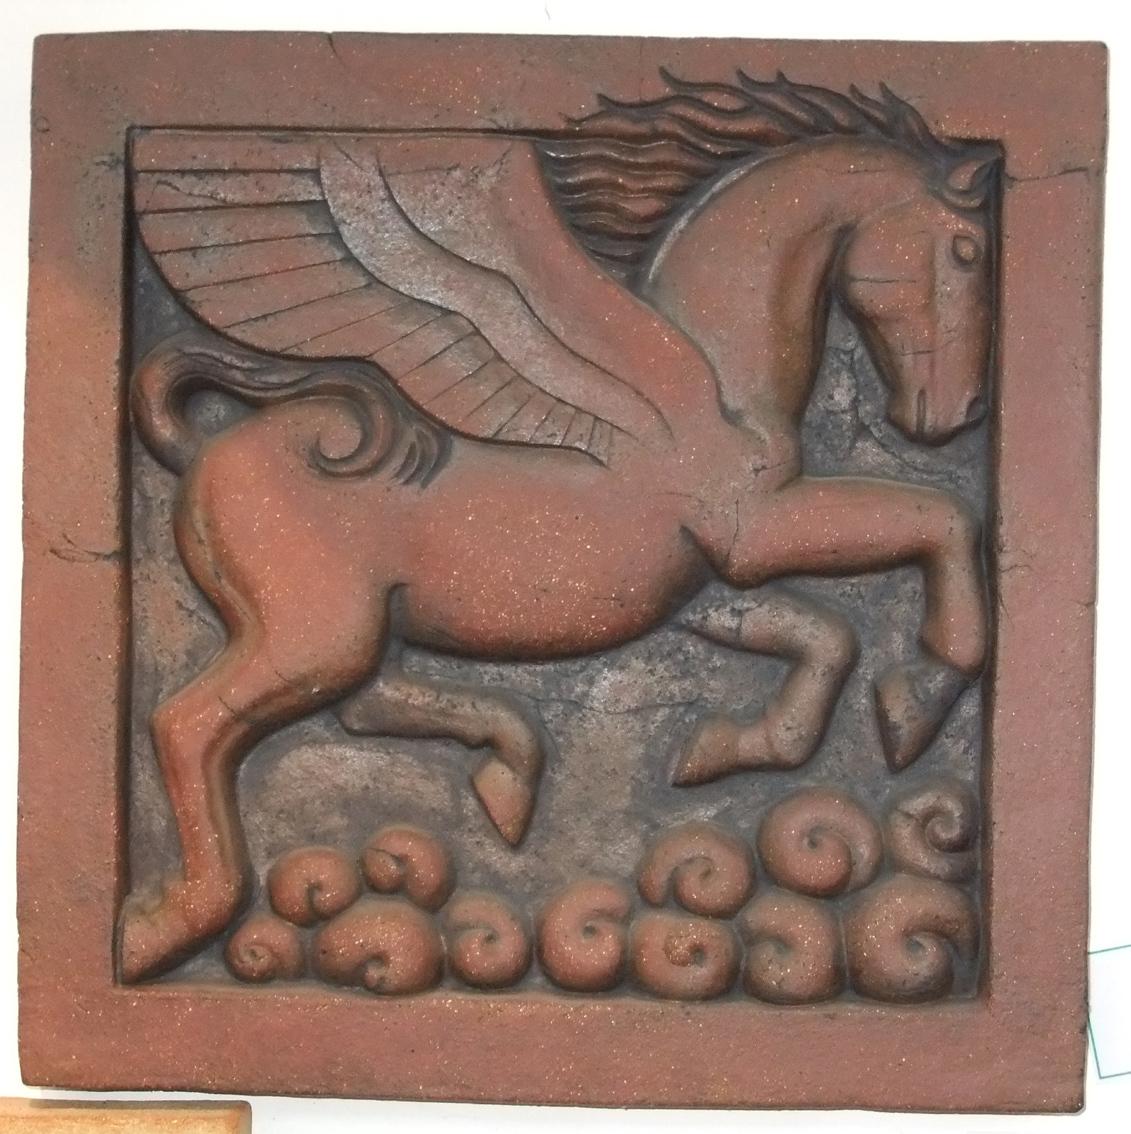 terracotta pegasus, pegasus art, pegasus sculpture, pegasus bas relief, classical art, greek sculpture, pegasus myth, Ama Menec sculpture.